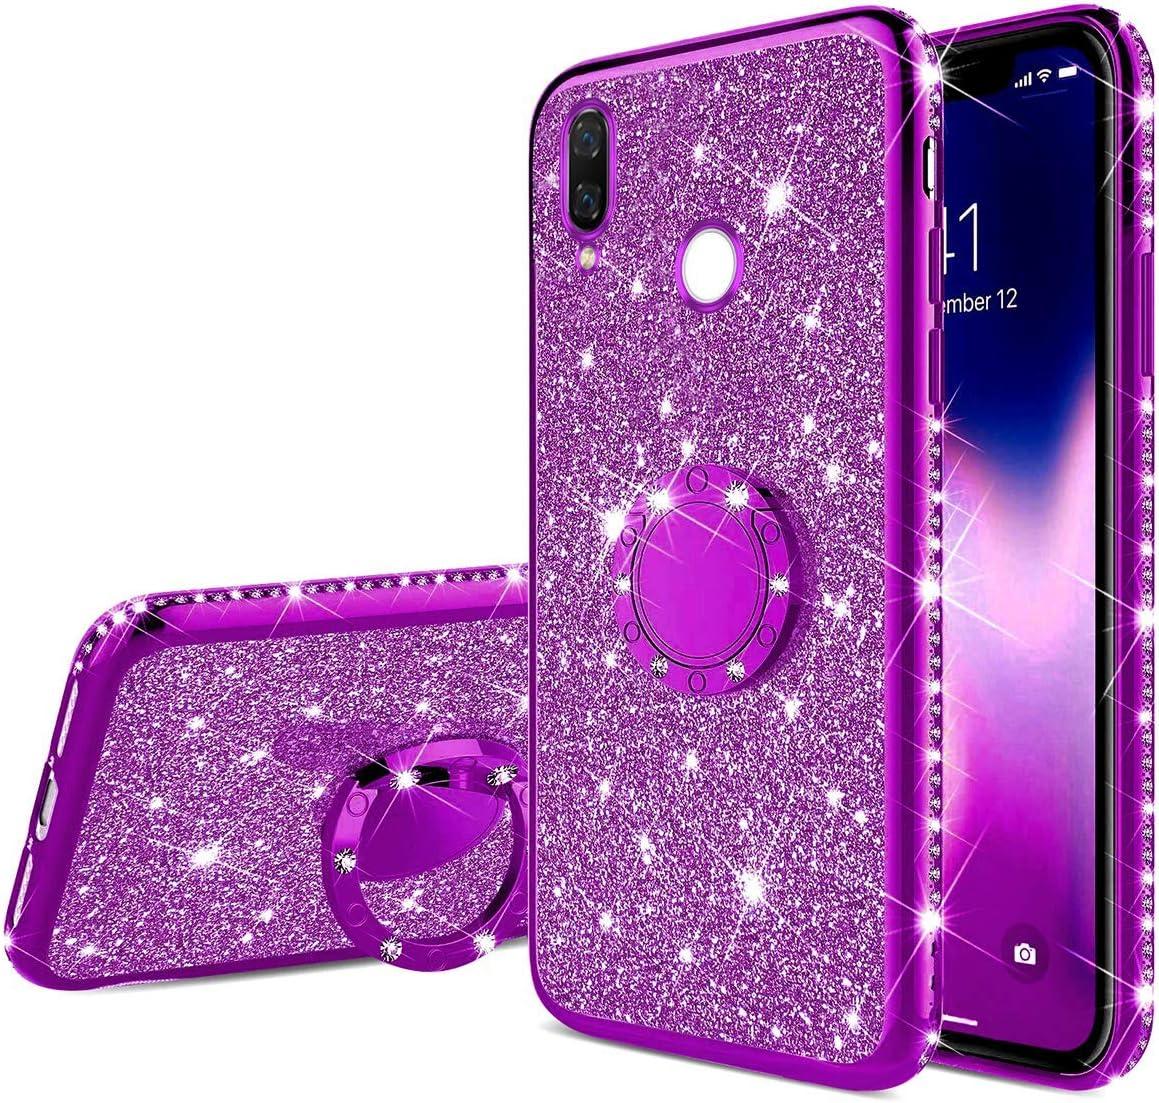 Felfy Anillo Funda Compatible con Xiaomi Redmi Note 7 Carcasa Diamante,Compatible con Funda Redmi Note 7 Purpurina Brillante Brillo Case con Anillo Ultra Slim Silicona TPU Glitter Funda-Púrpura